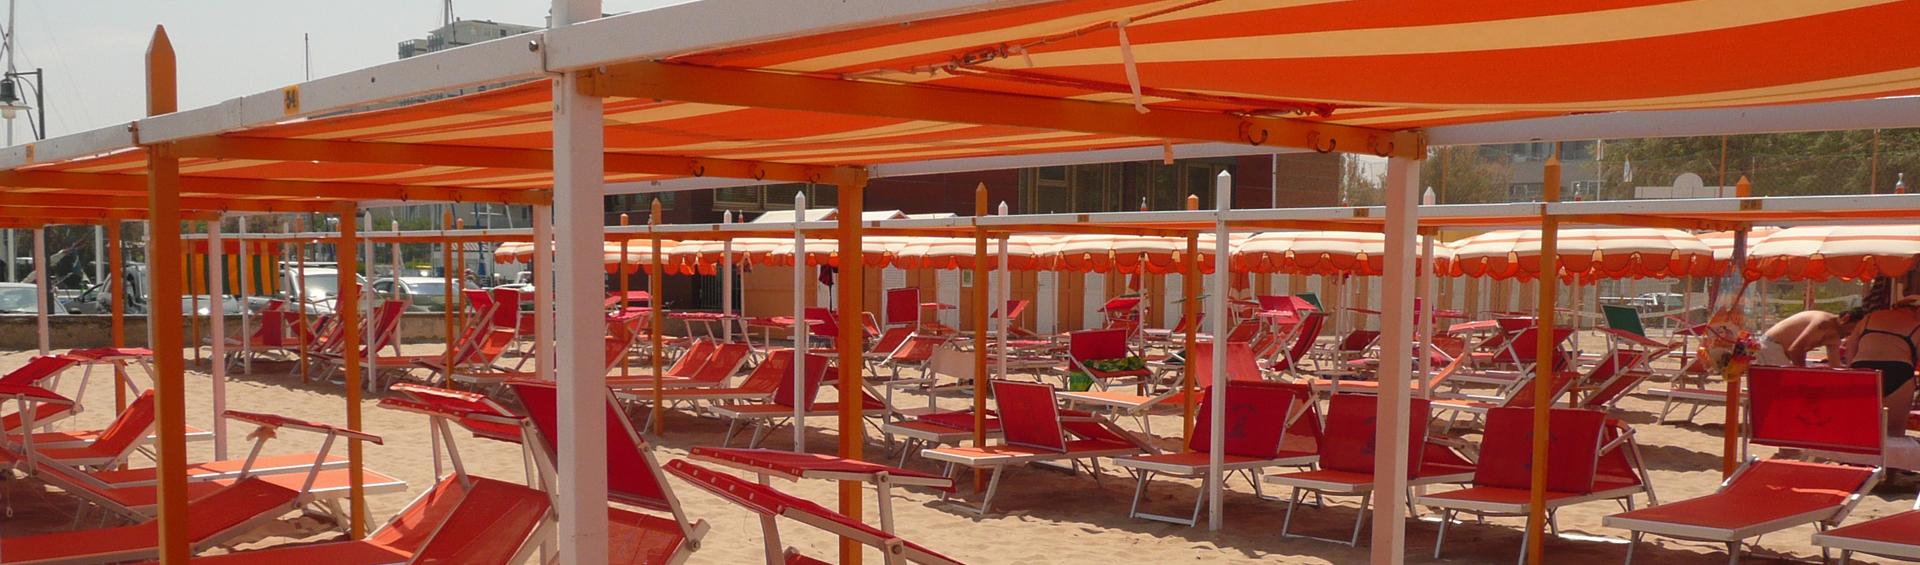 Spiaggia 91